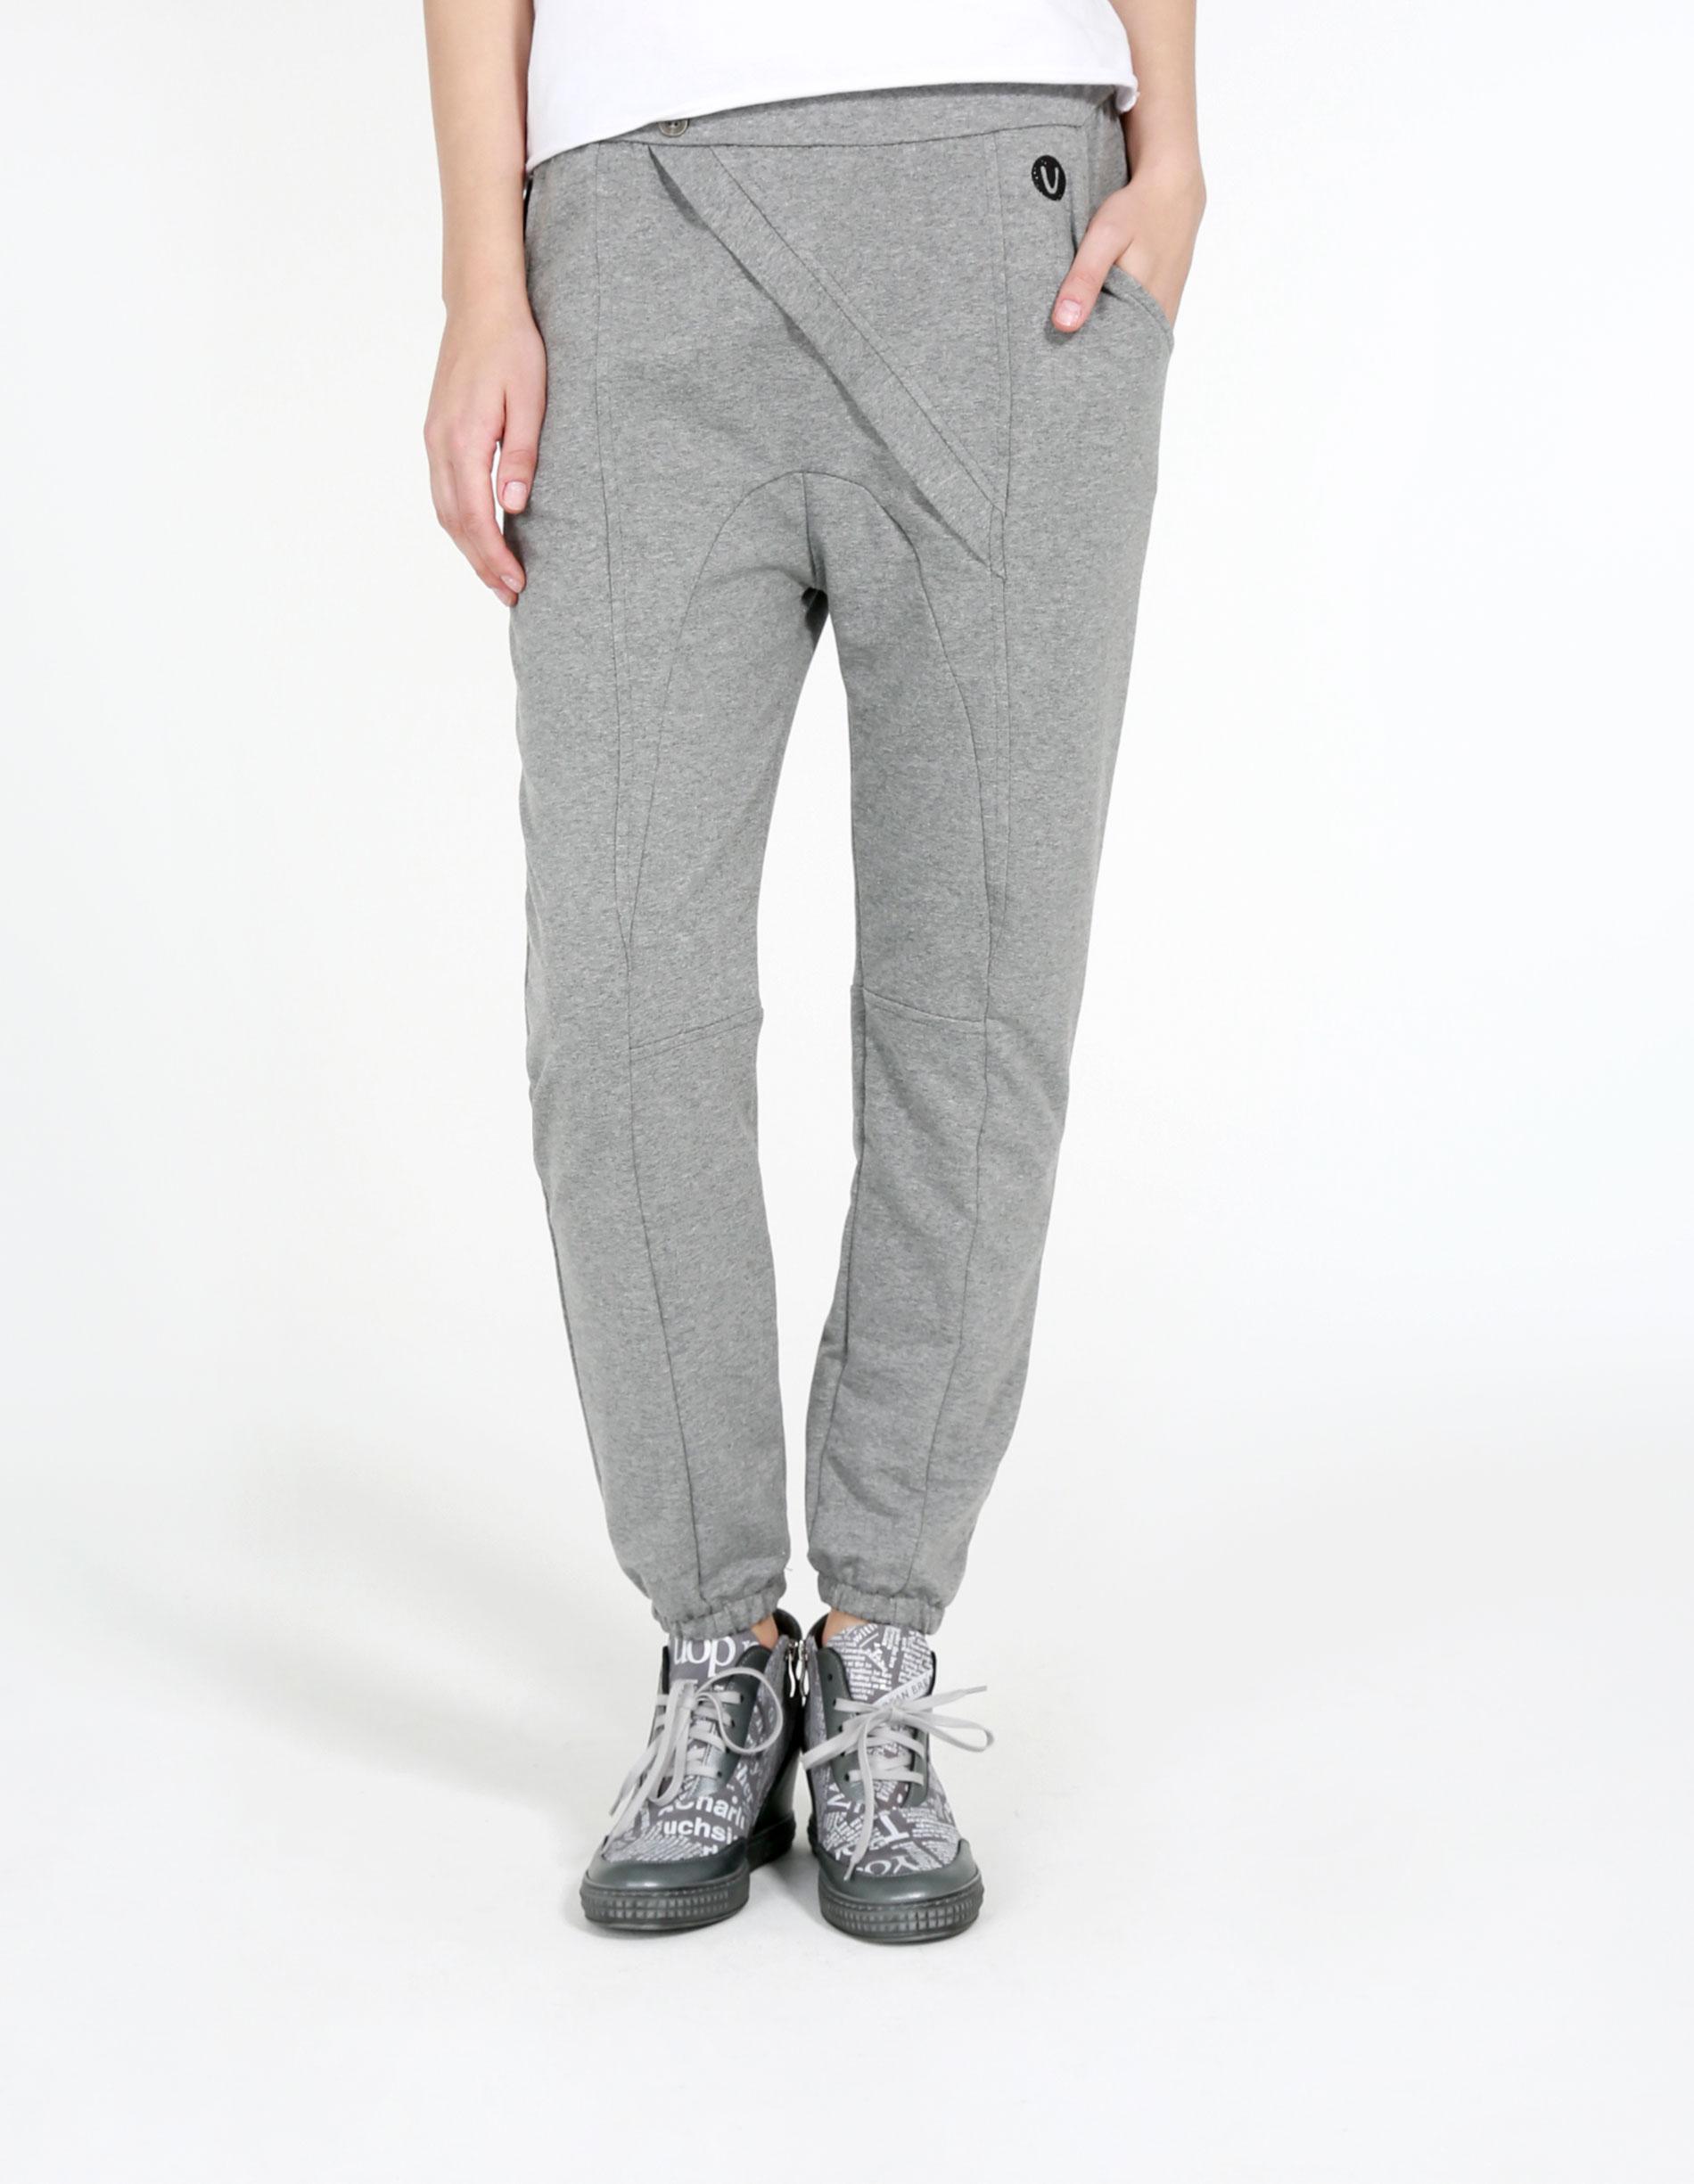 Spodnie - 30-67032 GRME - Unisono